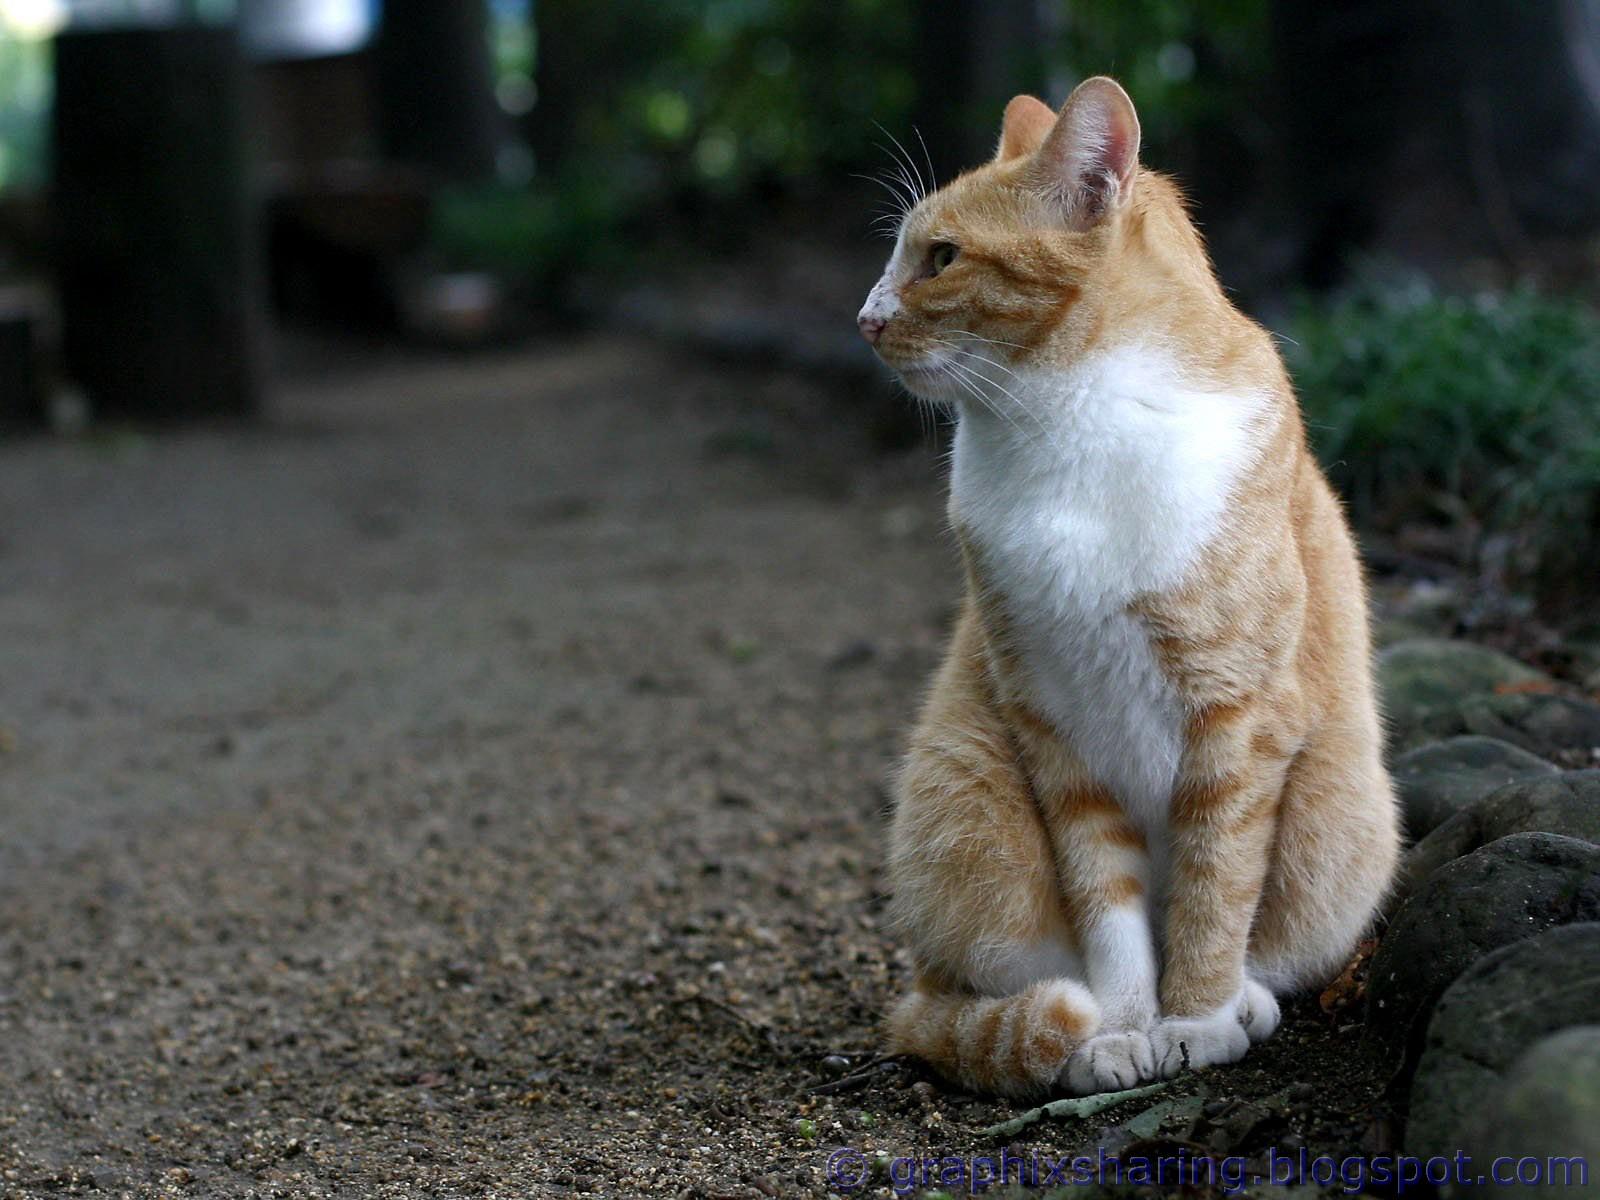 http://3.bp.blogspot.com/-qbCCe1oPSdA/TpmnG6wLDKI/AAAAAAAAAMI/db7ioSivwhU/s1600/Funny+Cats+Wallpapers+%252819%2529.jpg